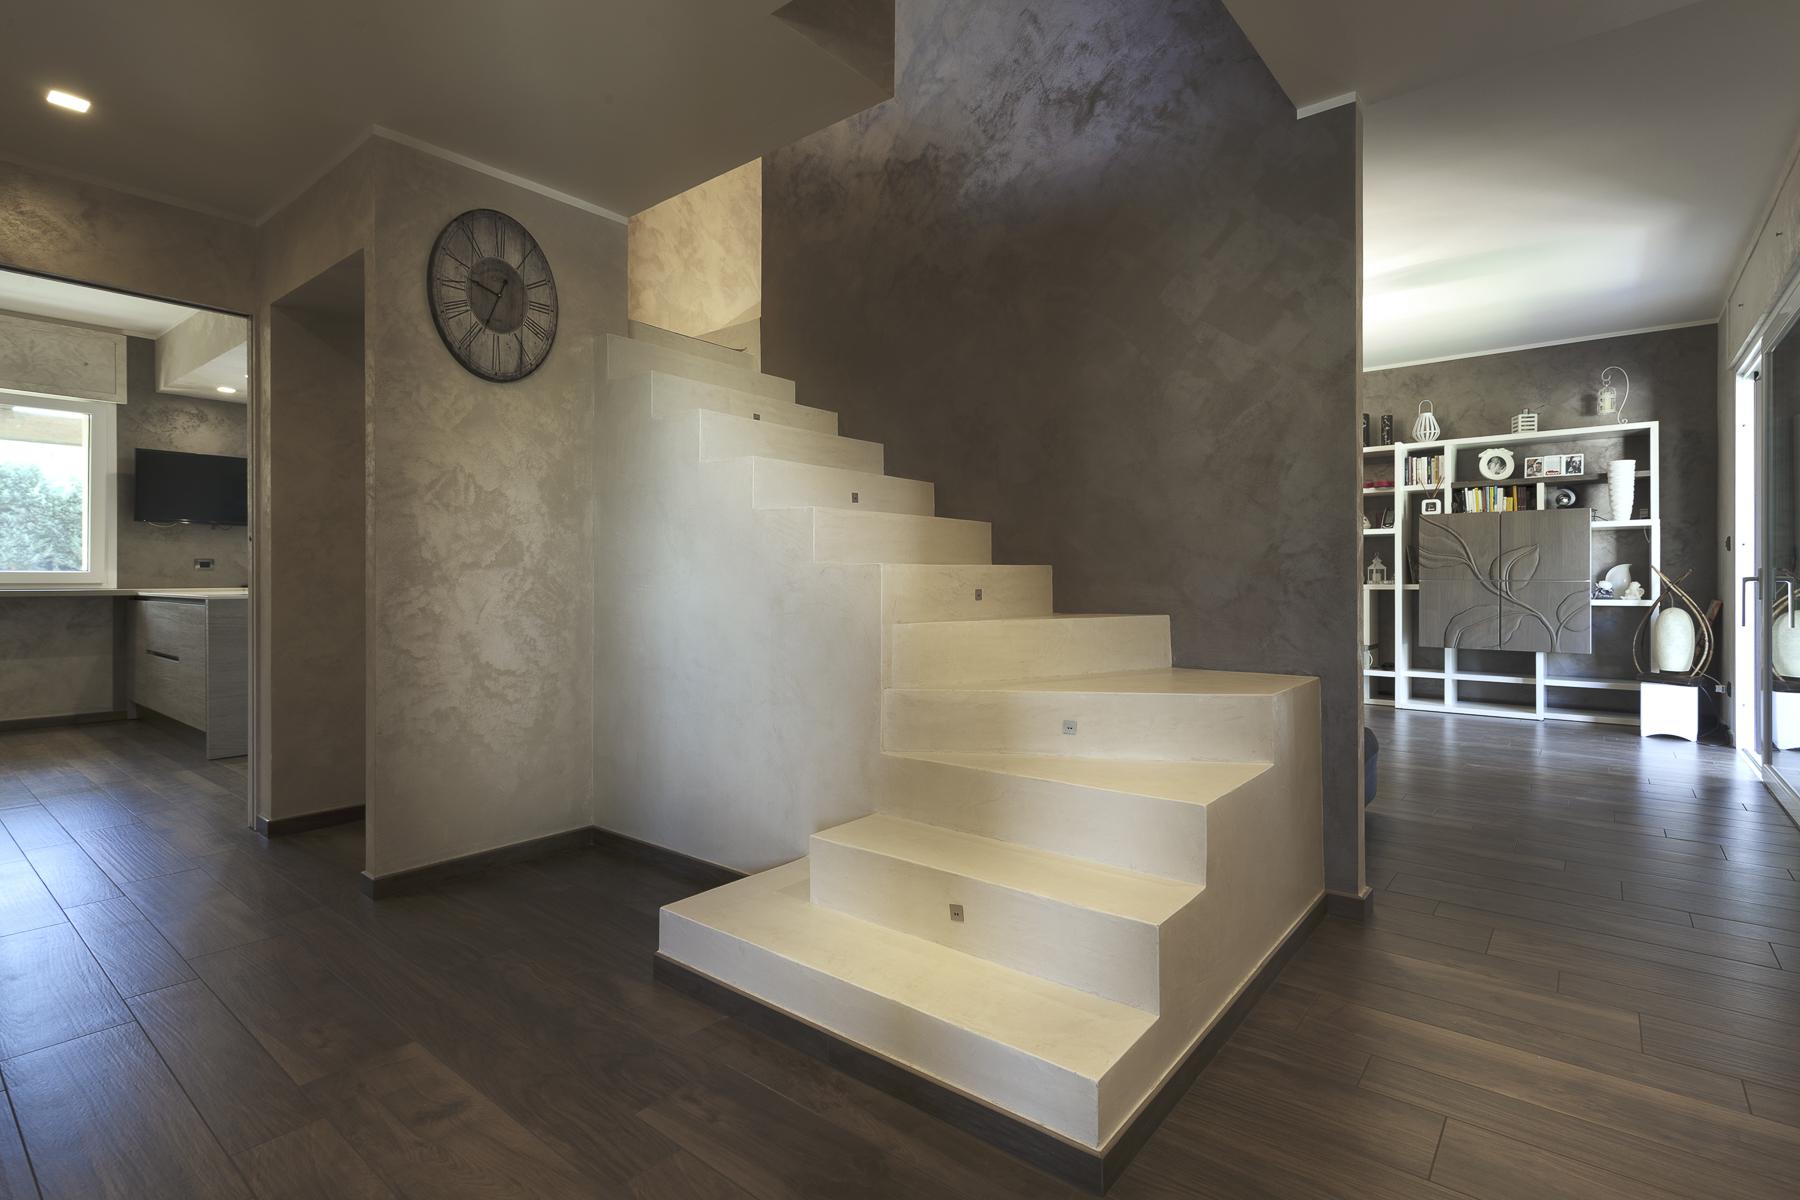 Casa indipendente in Vendita a Moncalieri: 5 locali, 250 mq - Foto 7